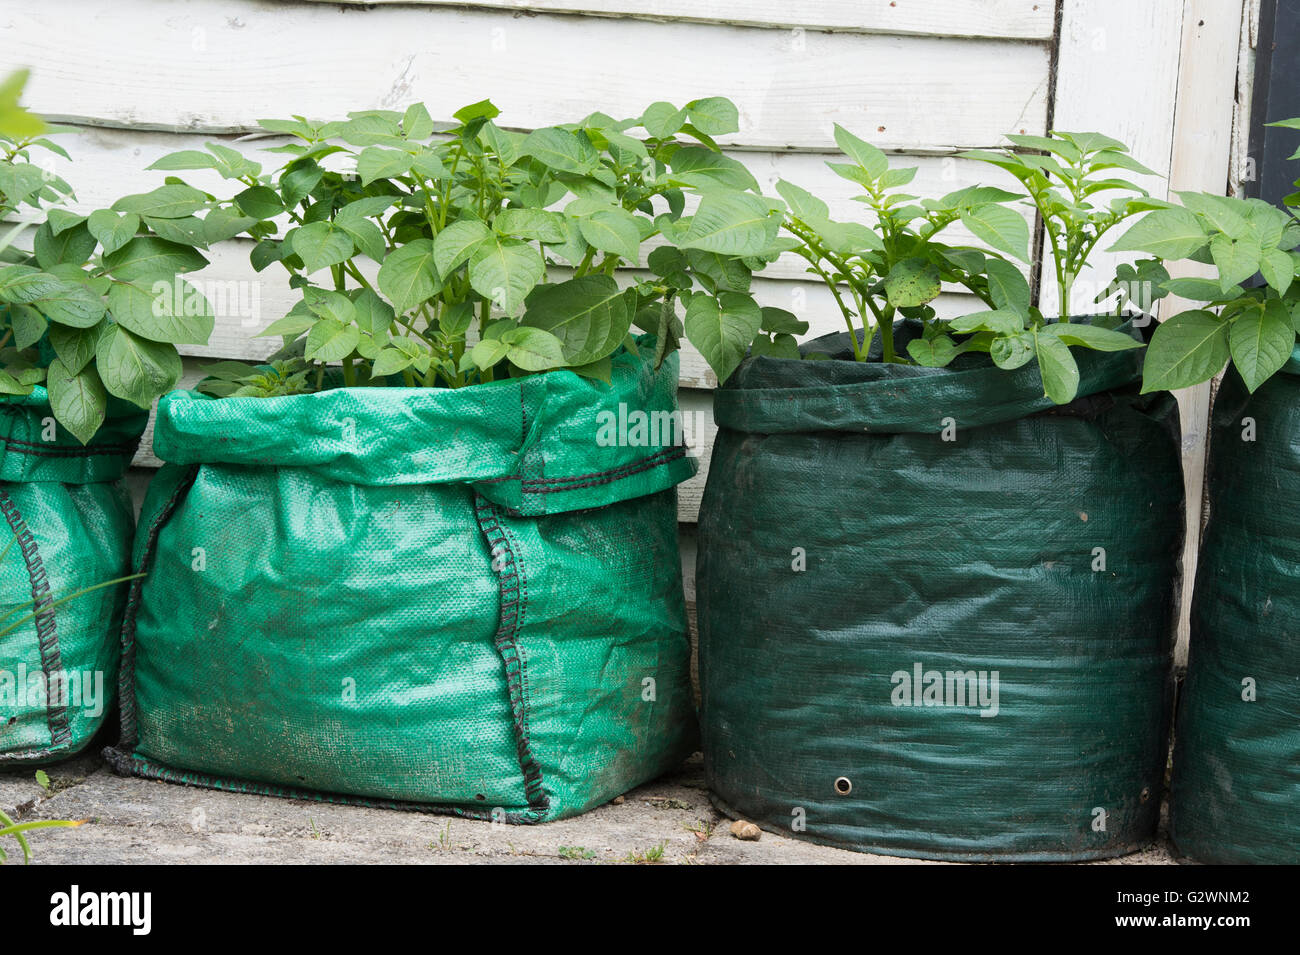 Solanum tuberosum. Growing Potatoes in sacks. UK - Stock Image